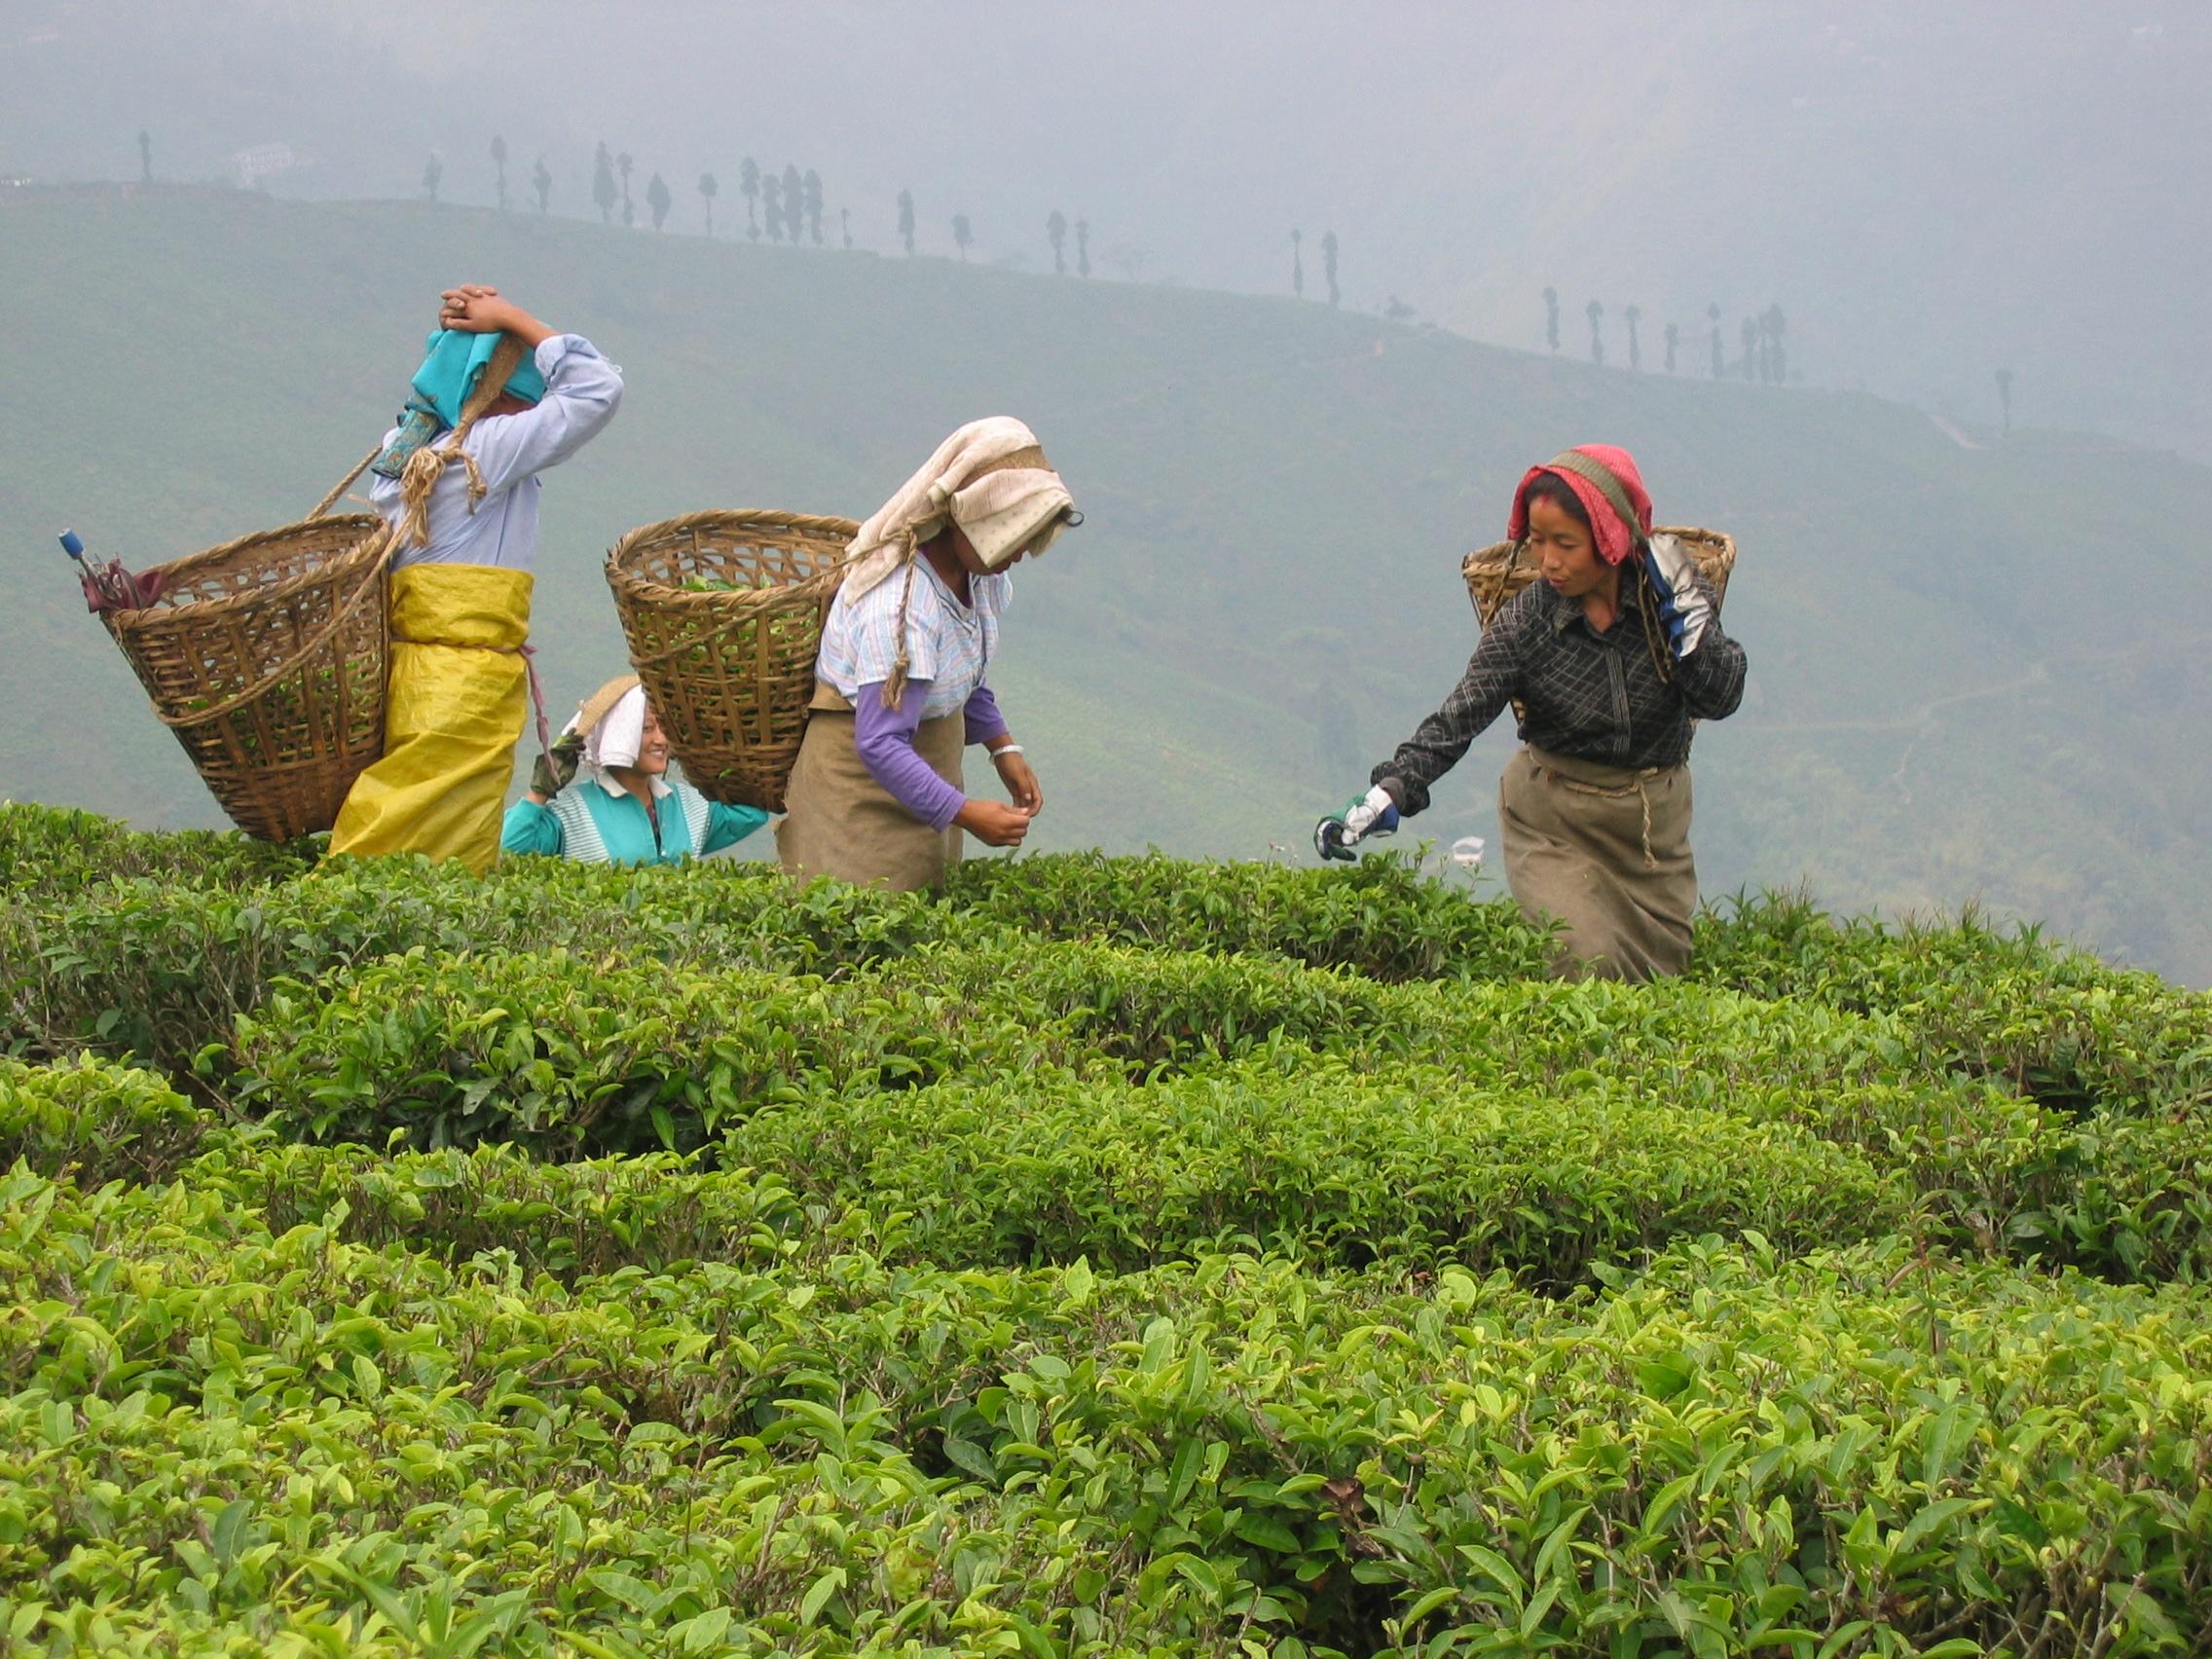 Tea requires delicate care